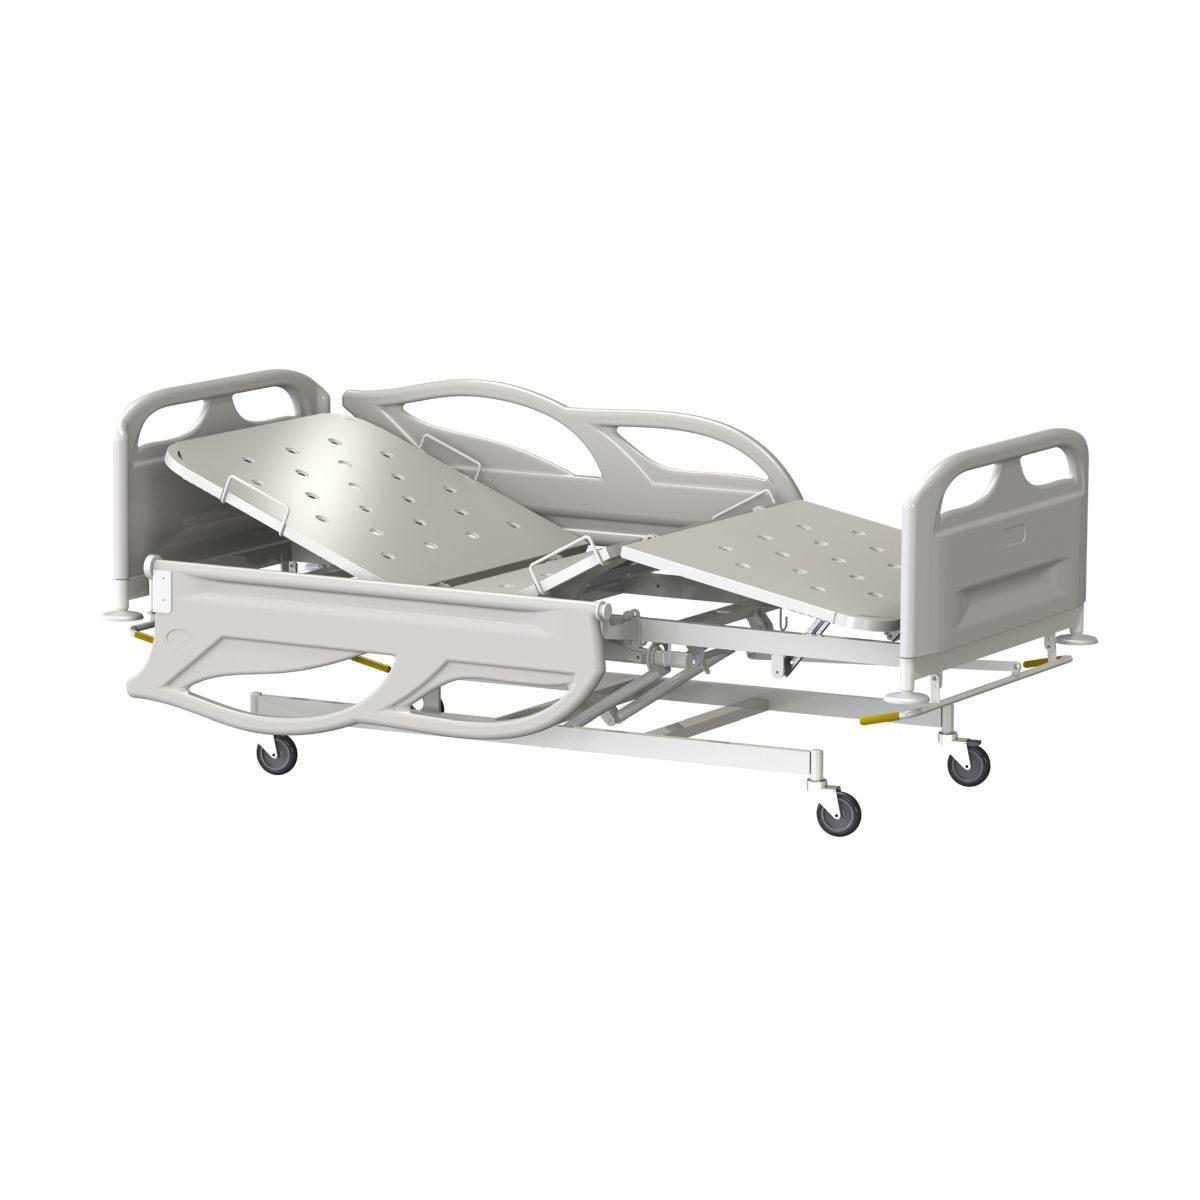 Кровать медицинская функциональная трёхсекционная КМФТ145-«МСК»